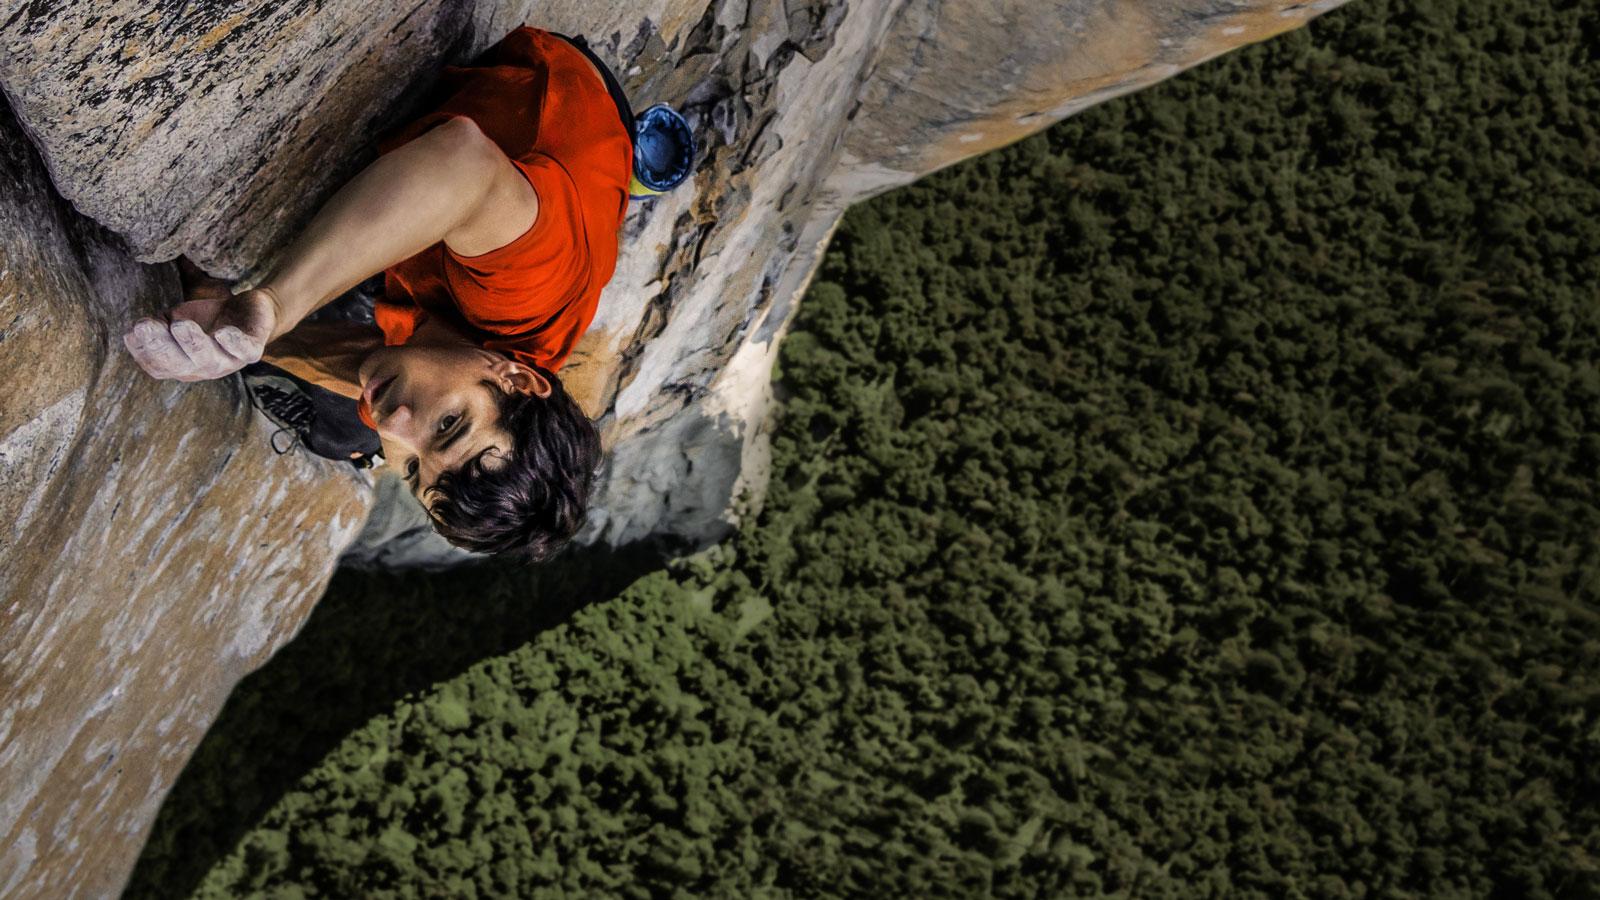 Kletterausrüstung Tipps : Climbing basics zehn tipps für anfänger an der k